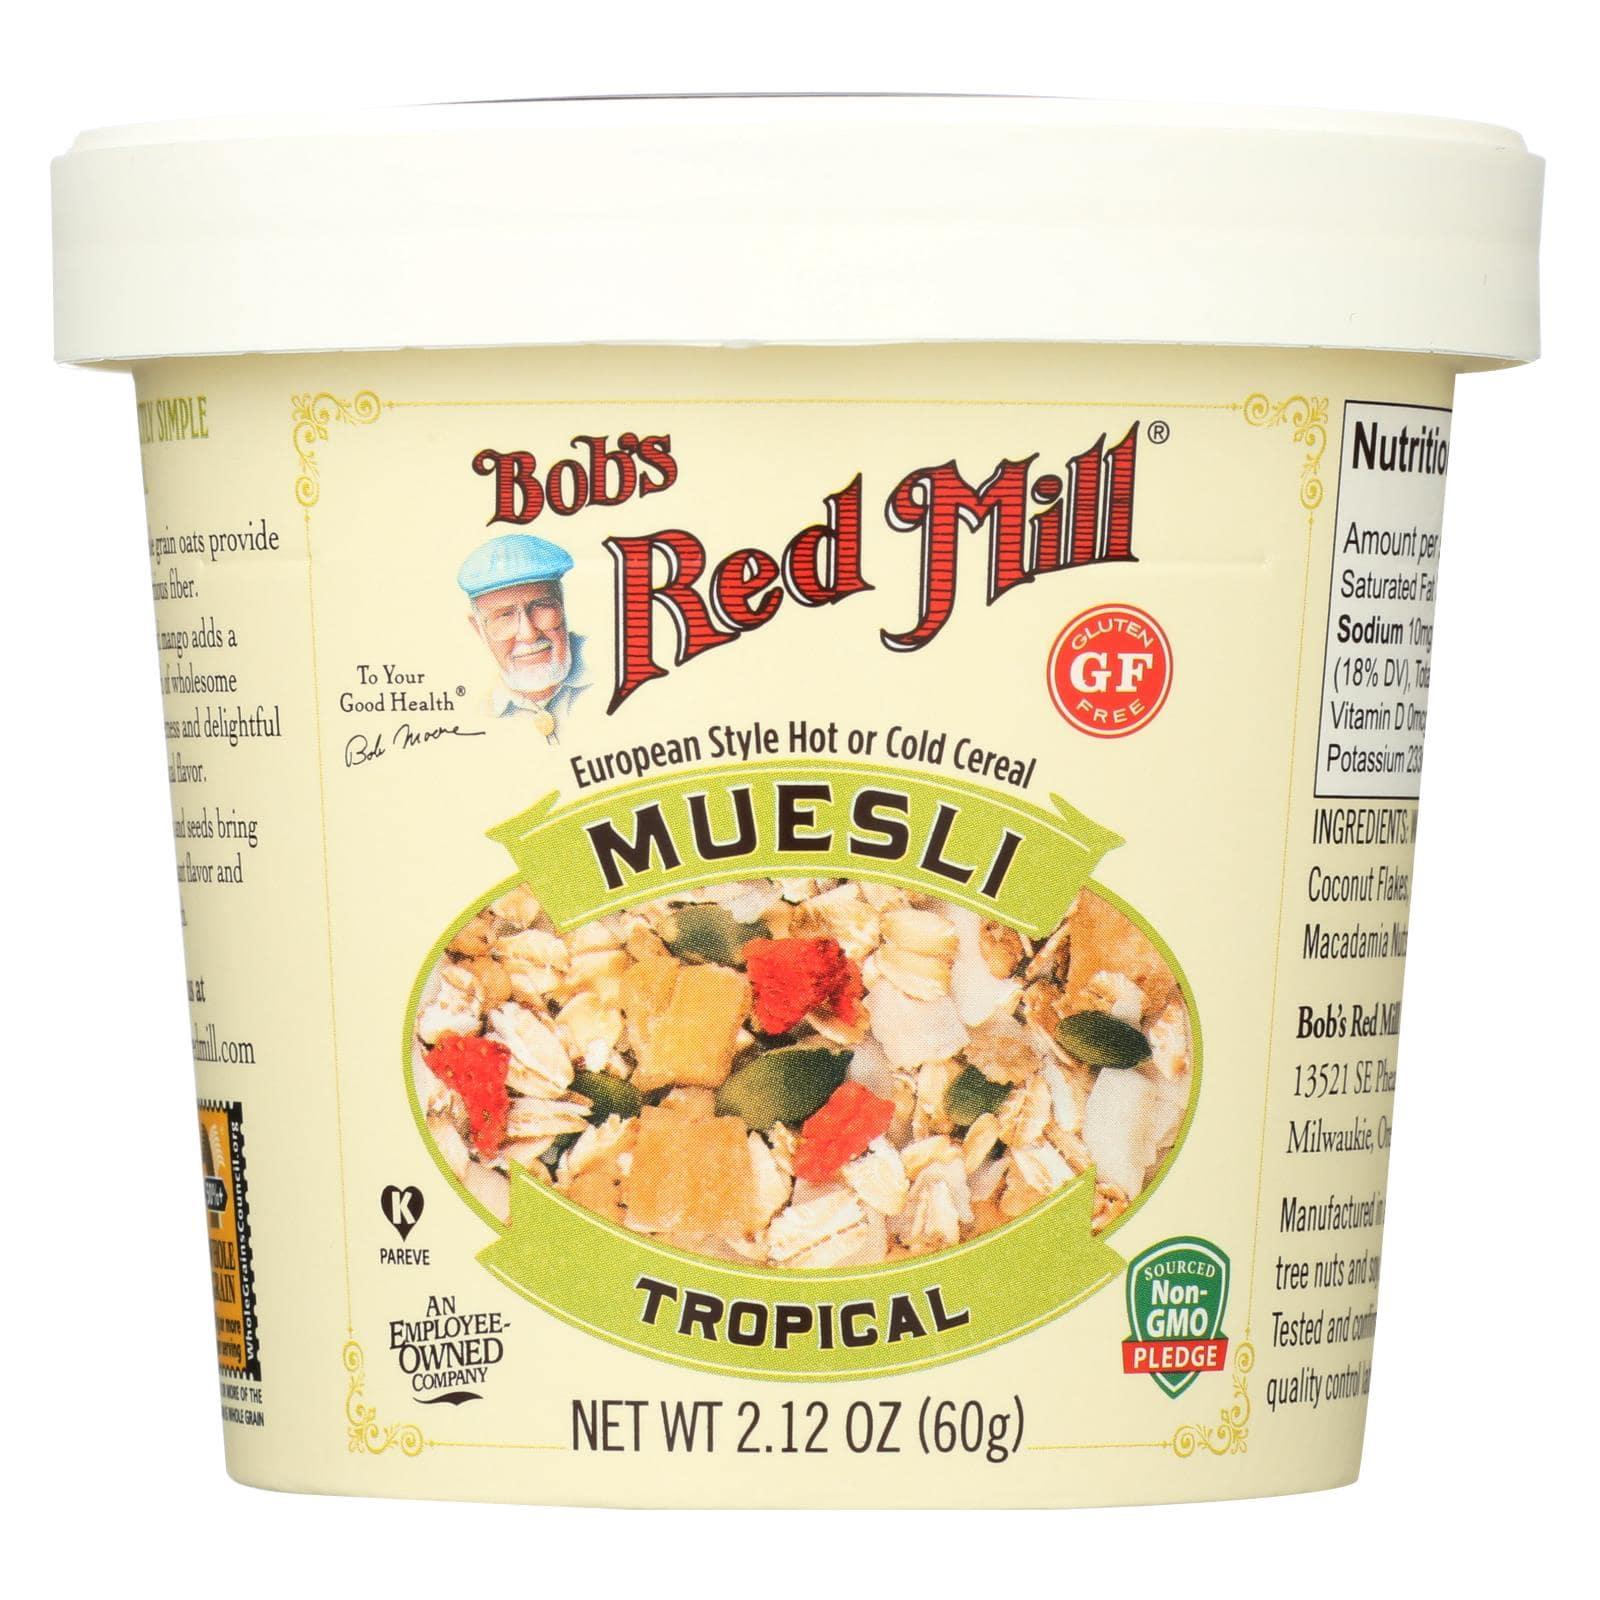 Bob's Red Mill Tropical Muesli